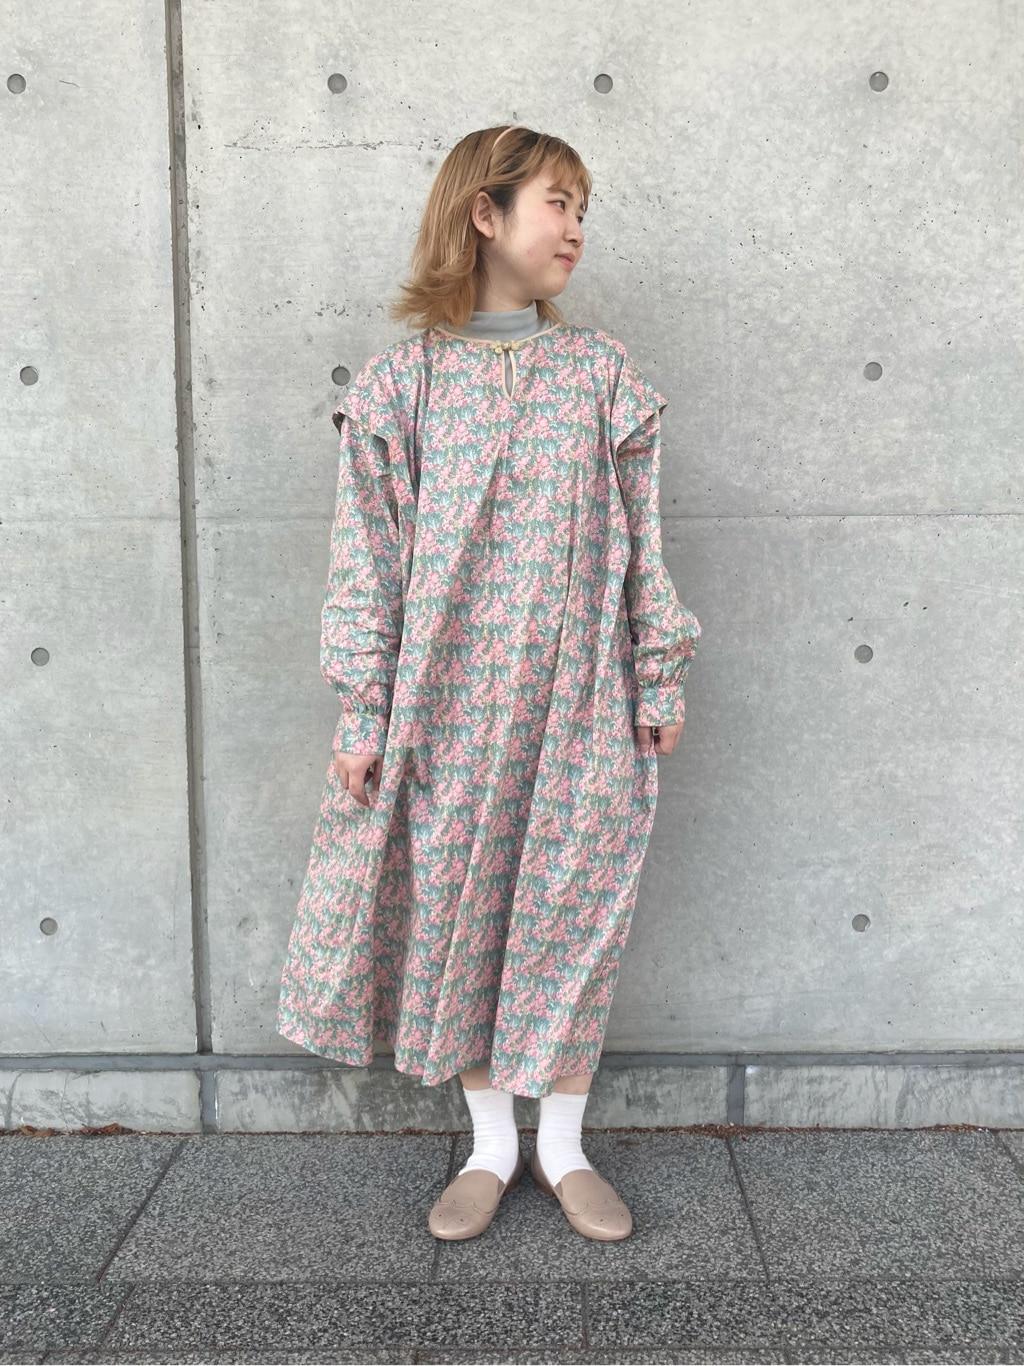 東京スカイツリータウン・ソラマチ 2021.04.22